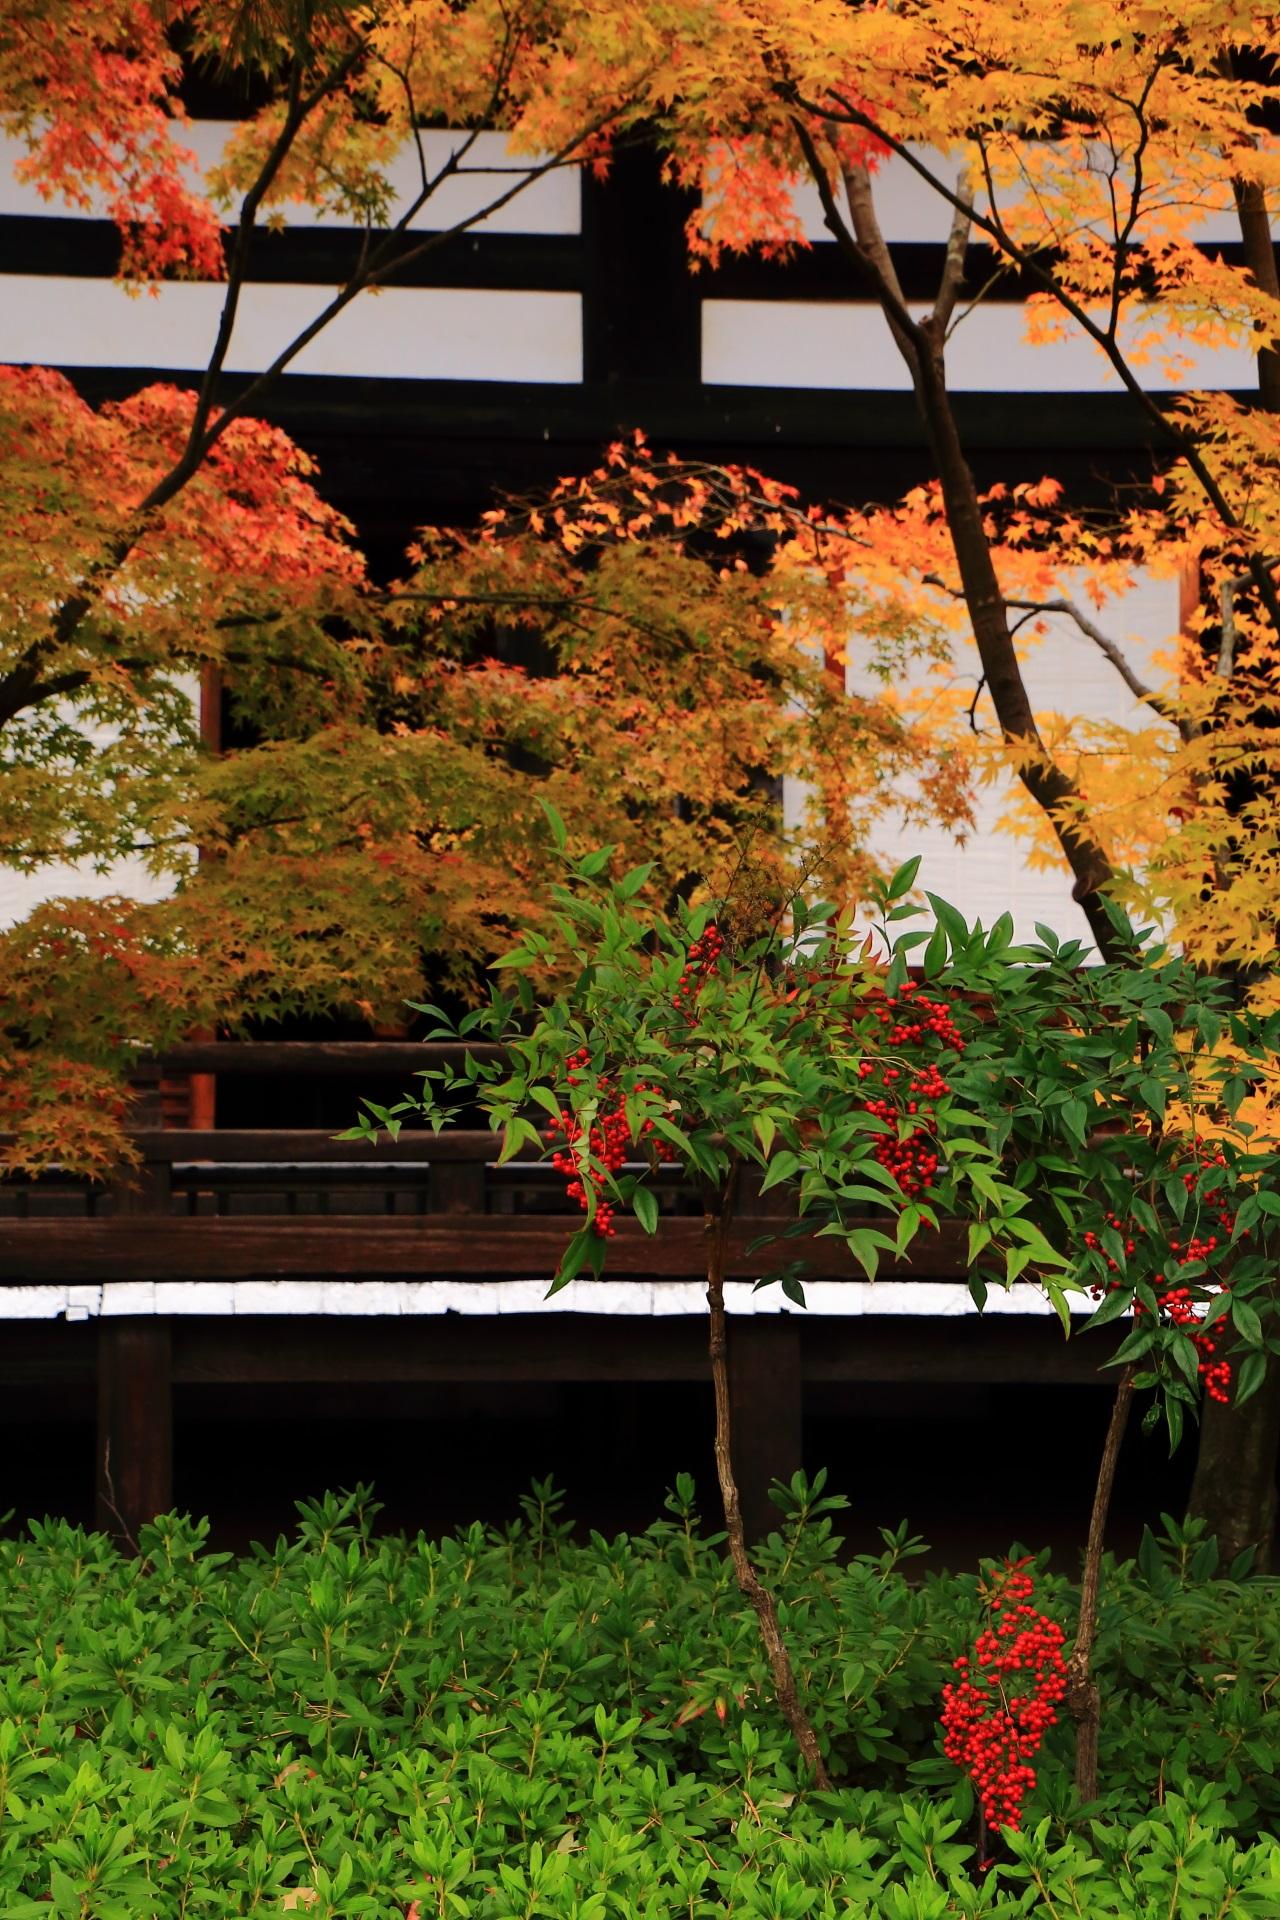 妙顕寺の本堂を彩る秋色の紅葉や南天の赤い実